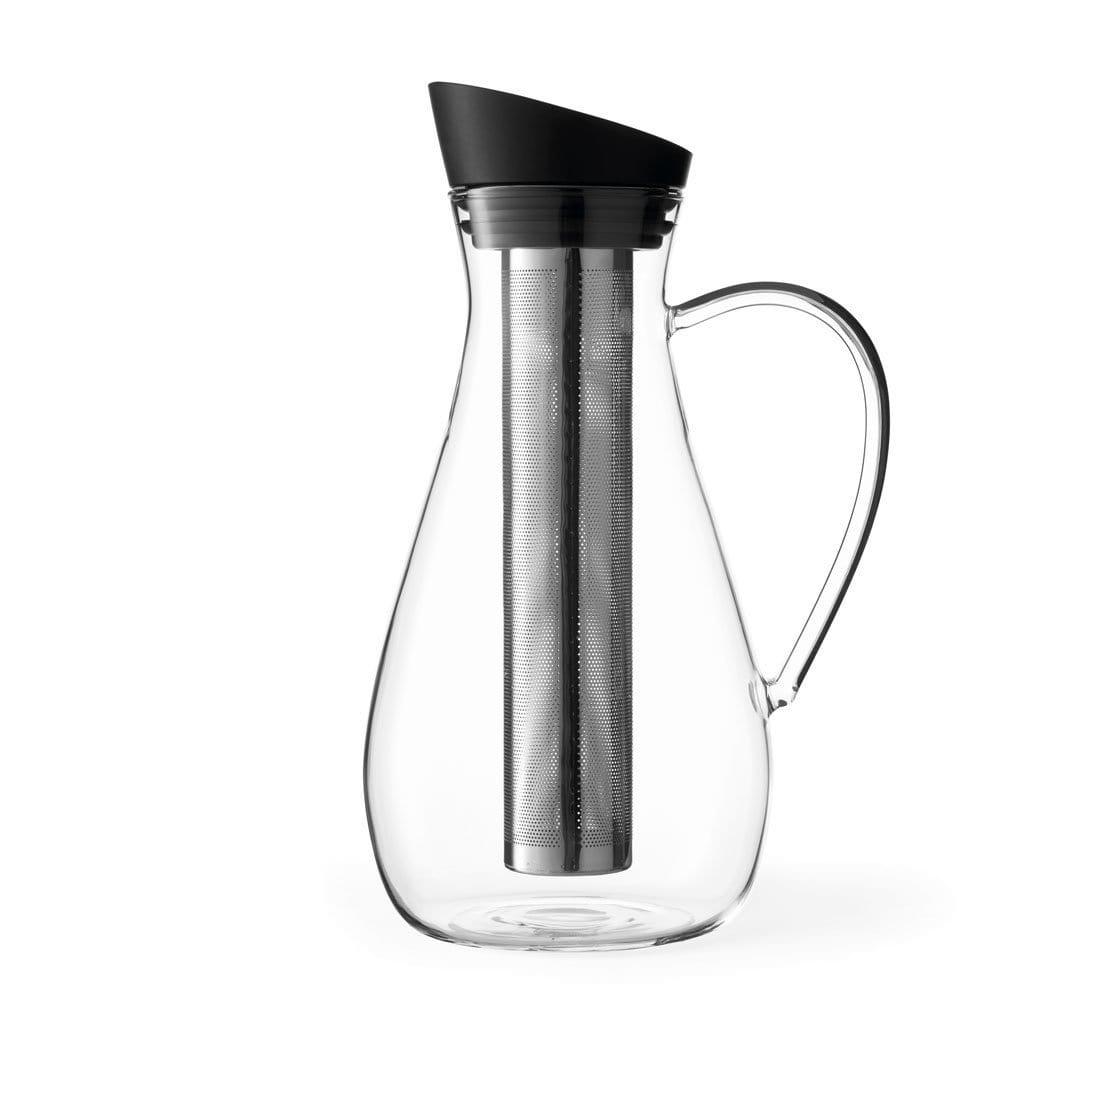 Viva™ iced tea maker 1,4L